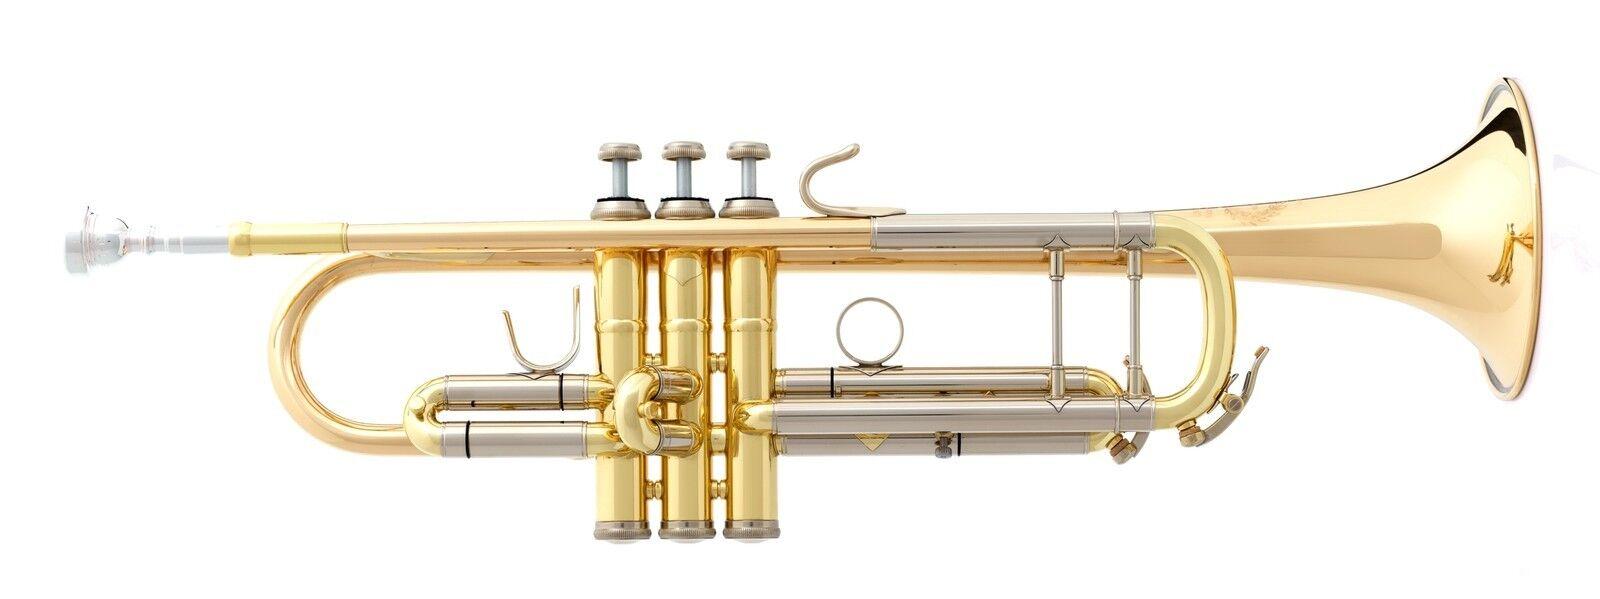 B&S Trompete Challenger I Mod. 3137 G mit Koffer u. Zubehör  Made in Germany